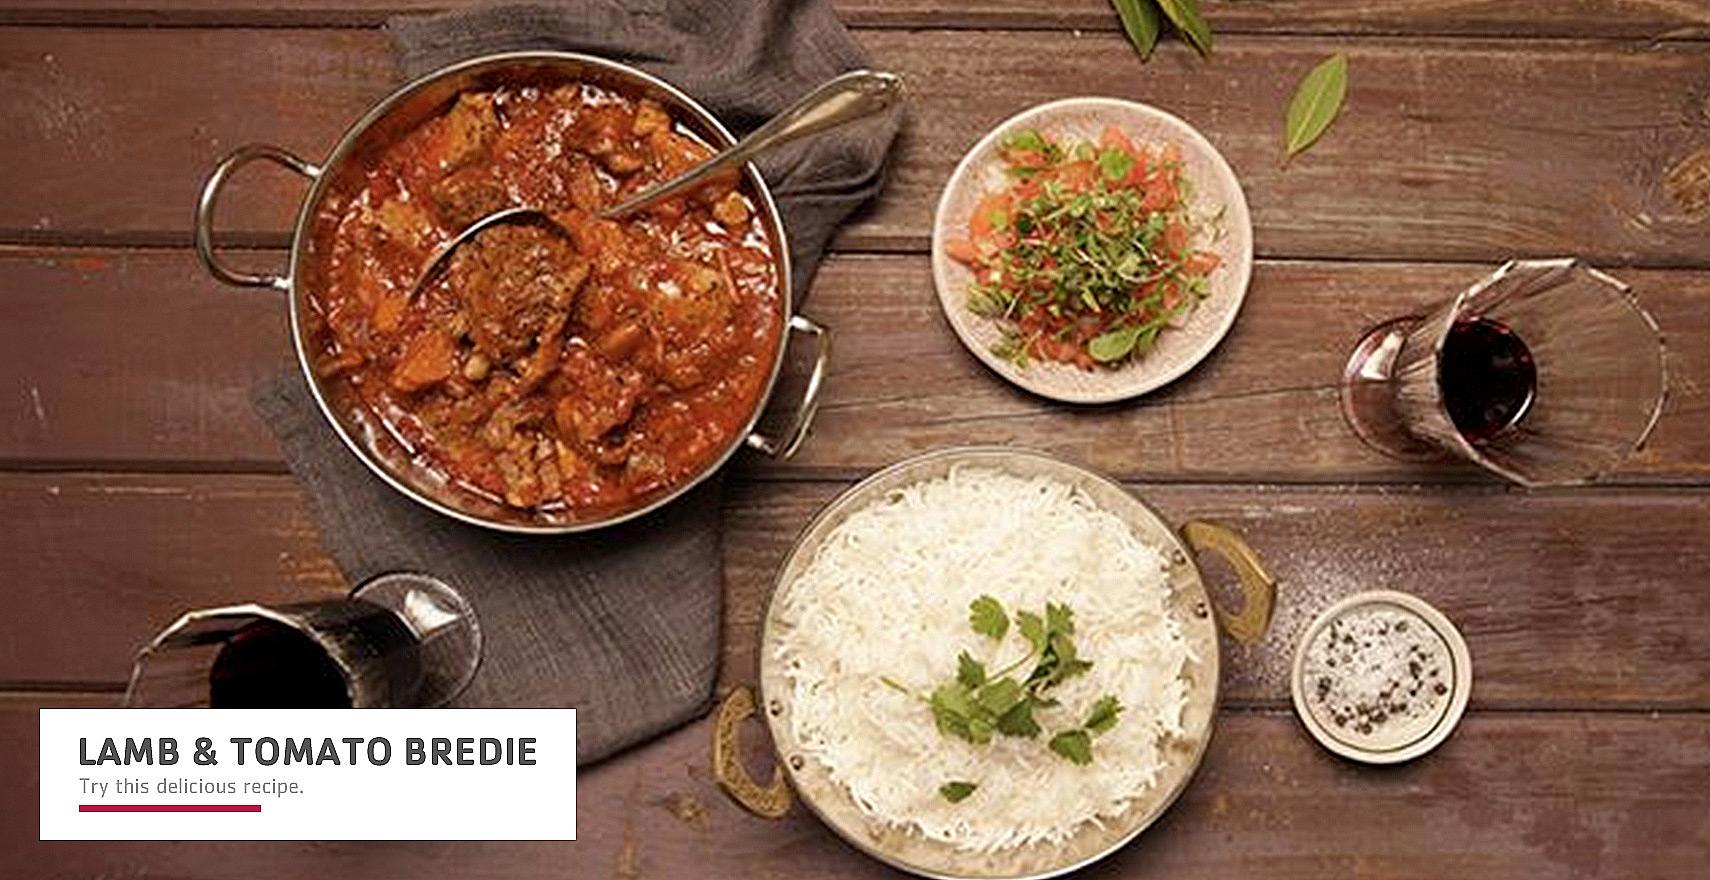 Lamb-&-Tomato-Bredie_v2.jpg